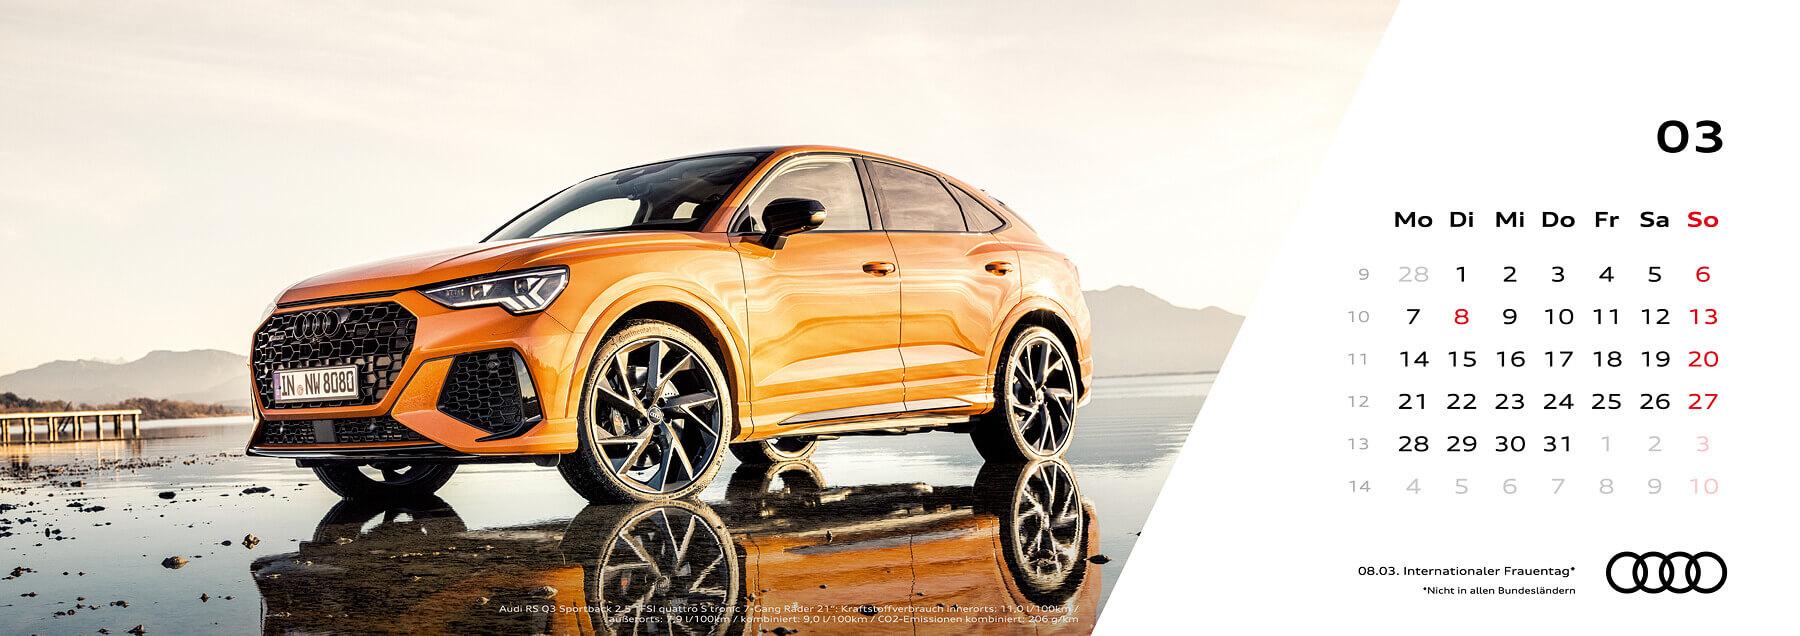 Audi Tischkalender 2022 - März